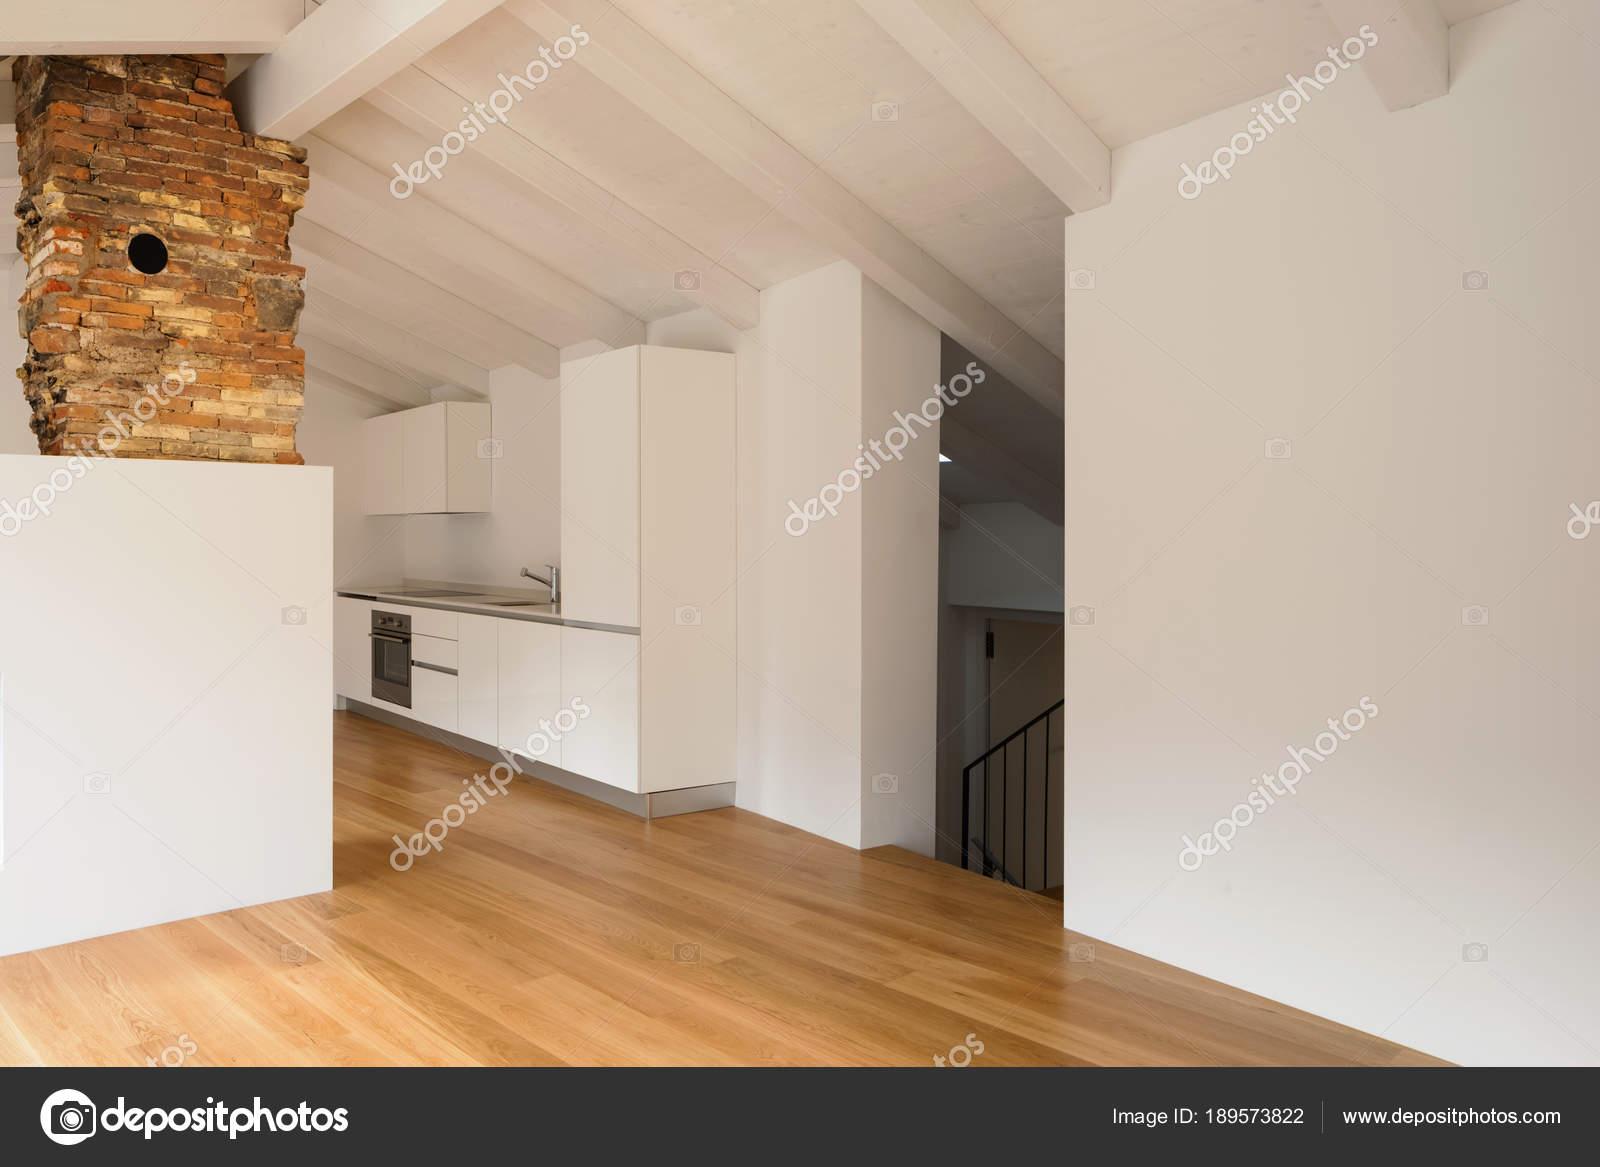 Salon Moderne Avec Foyer Au Milieu Photographie Zveiger C 189573822